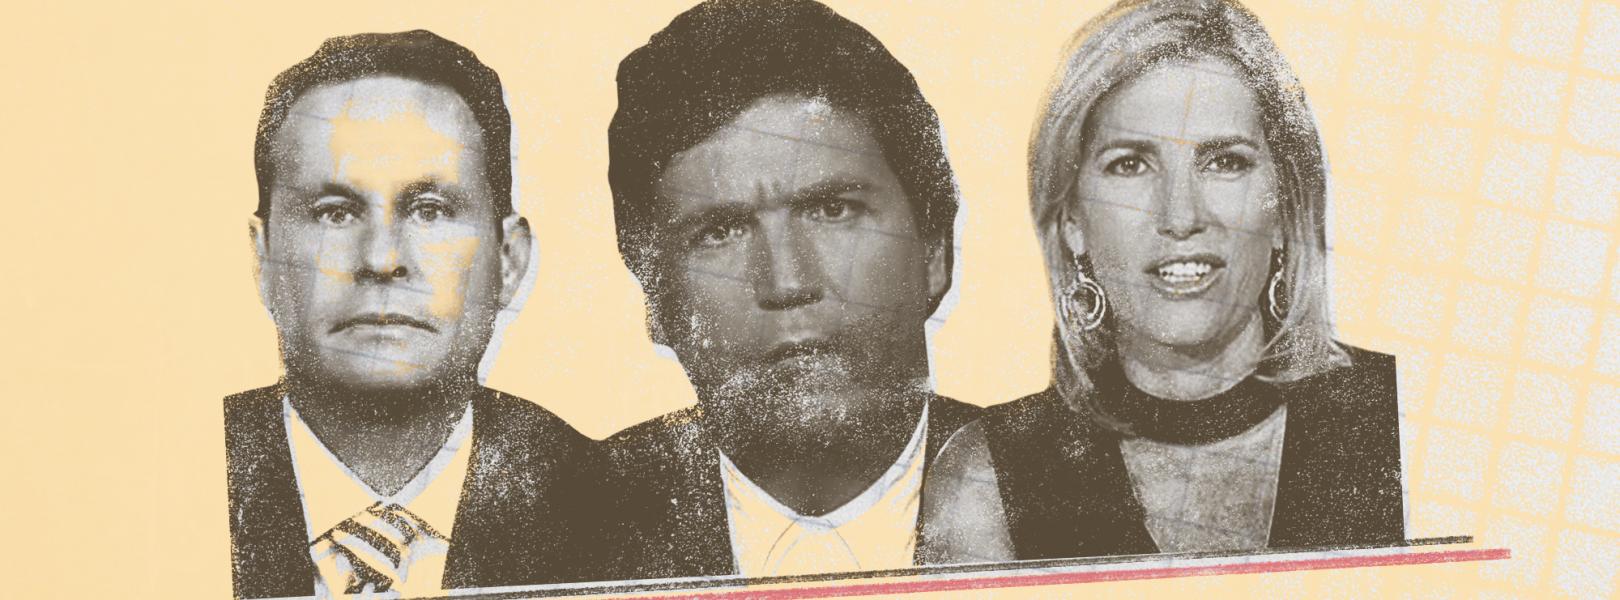 Brian Kilmeade, Tucker Carlson, Laura Ingraham